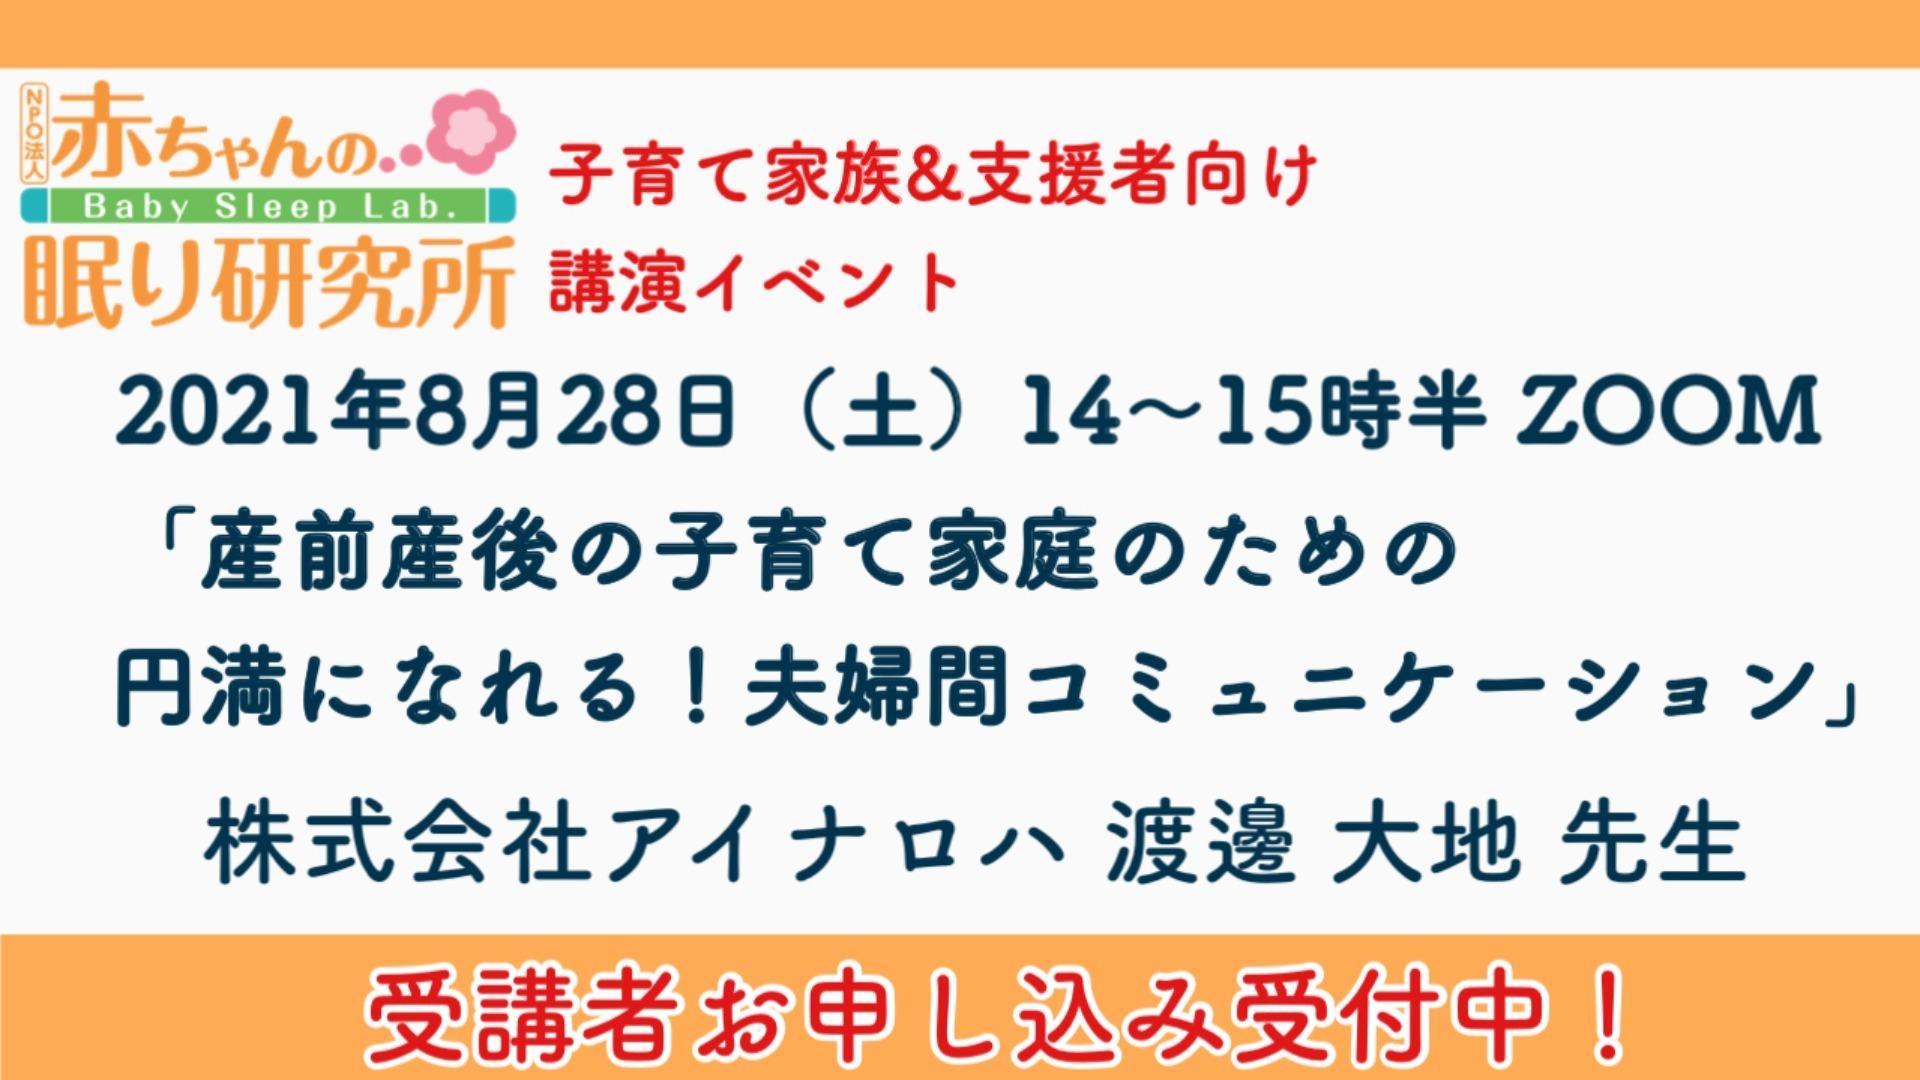 【参加者募集中】8/28(土)「夫婦間コミュニケーション」イベント